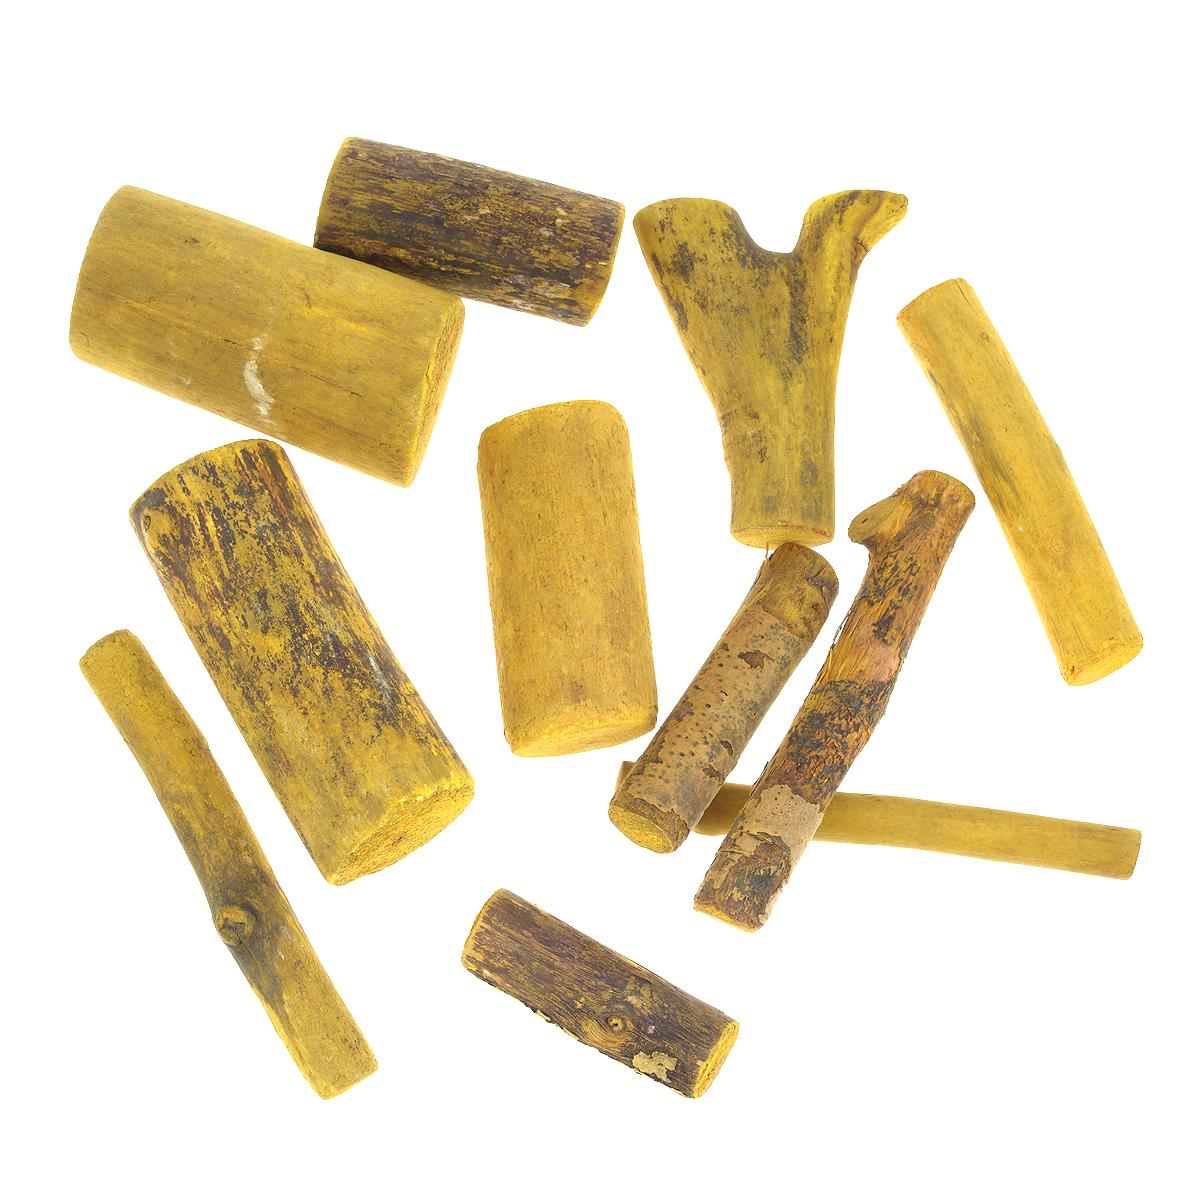 Декоративный элемент Dongjiang Art Ветка, цвет: желтый, 250 г. 77089847708984Декоративный элемент Dongjiang Art Ветка изготовлен из дерева и предназначен для декорирования. Изделие может пригодиться во флористике и многом другом. Декоративный элемент представляет собой кусочек ветки. Флористика - вид декоративно-прикладного искусства, который использует живые, засушенные или консервированные природные материалы для создания флористических работ. Это целый мир, в котором есть место и строгому математическому расчету, и вдохновению, полету фантазии. Размер ветки: 12,5 см х 1,1 см; 8 см х 3,5 см; 9 см х 4,5 см.